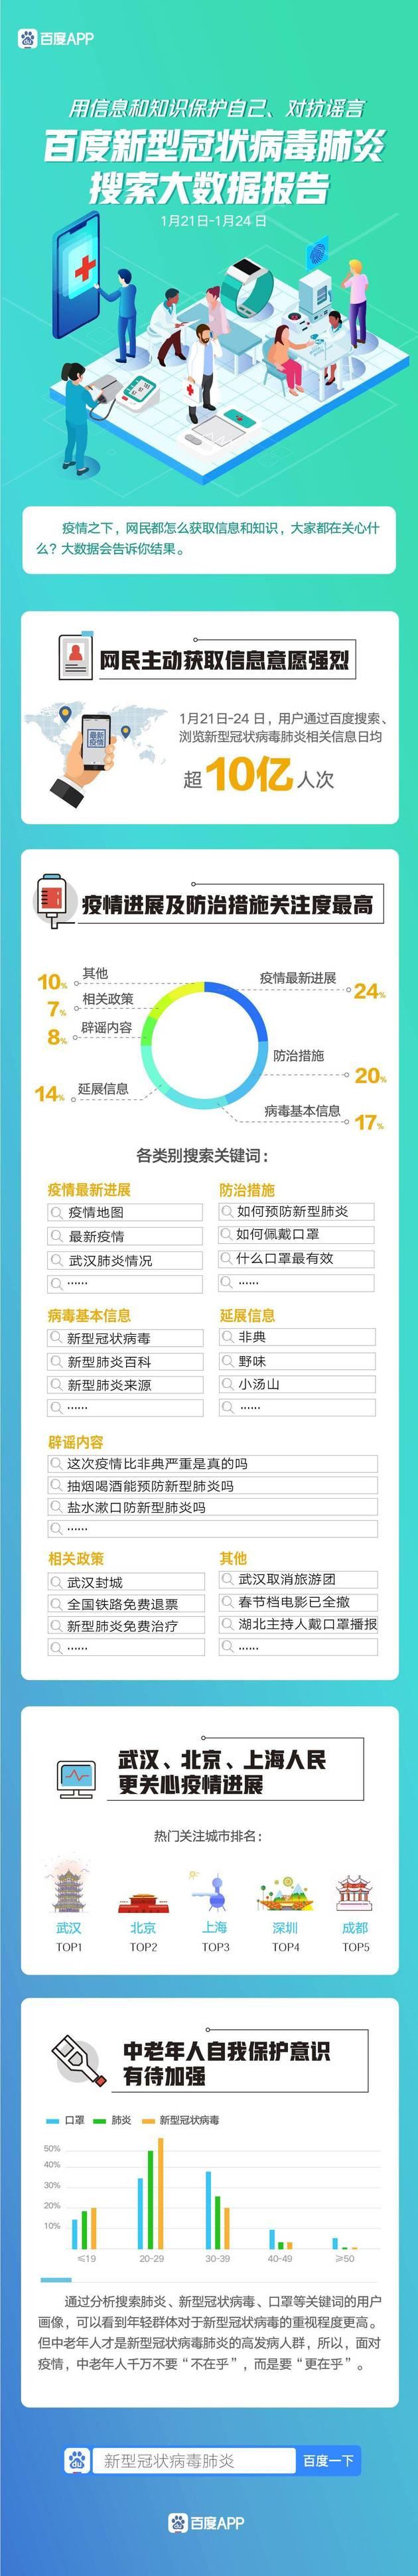 百度搜索大数据:武汉北京上海市民最关心疫情